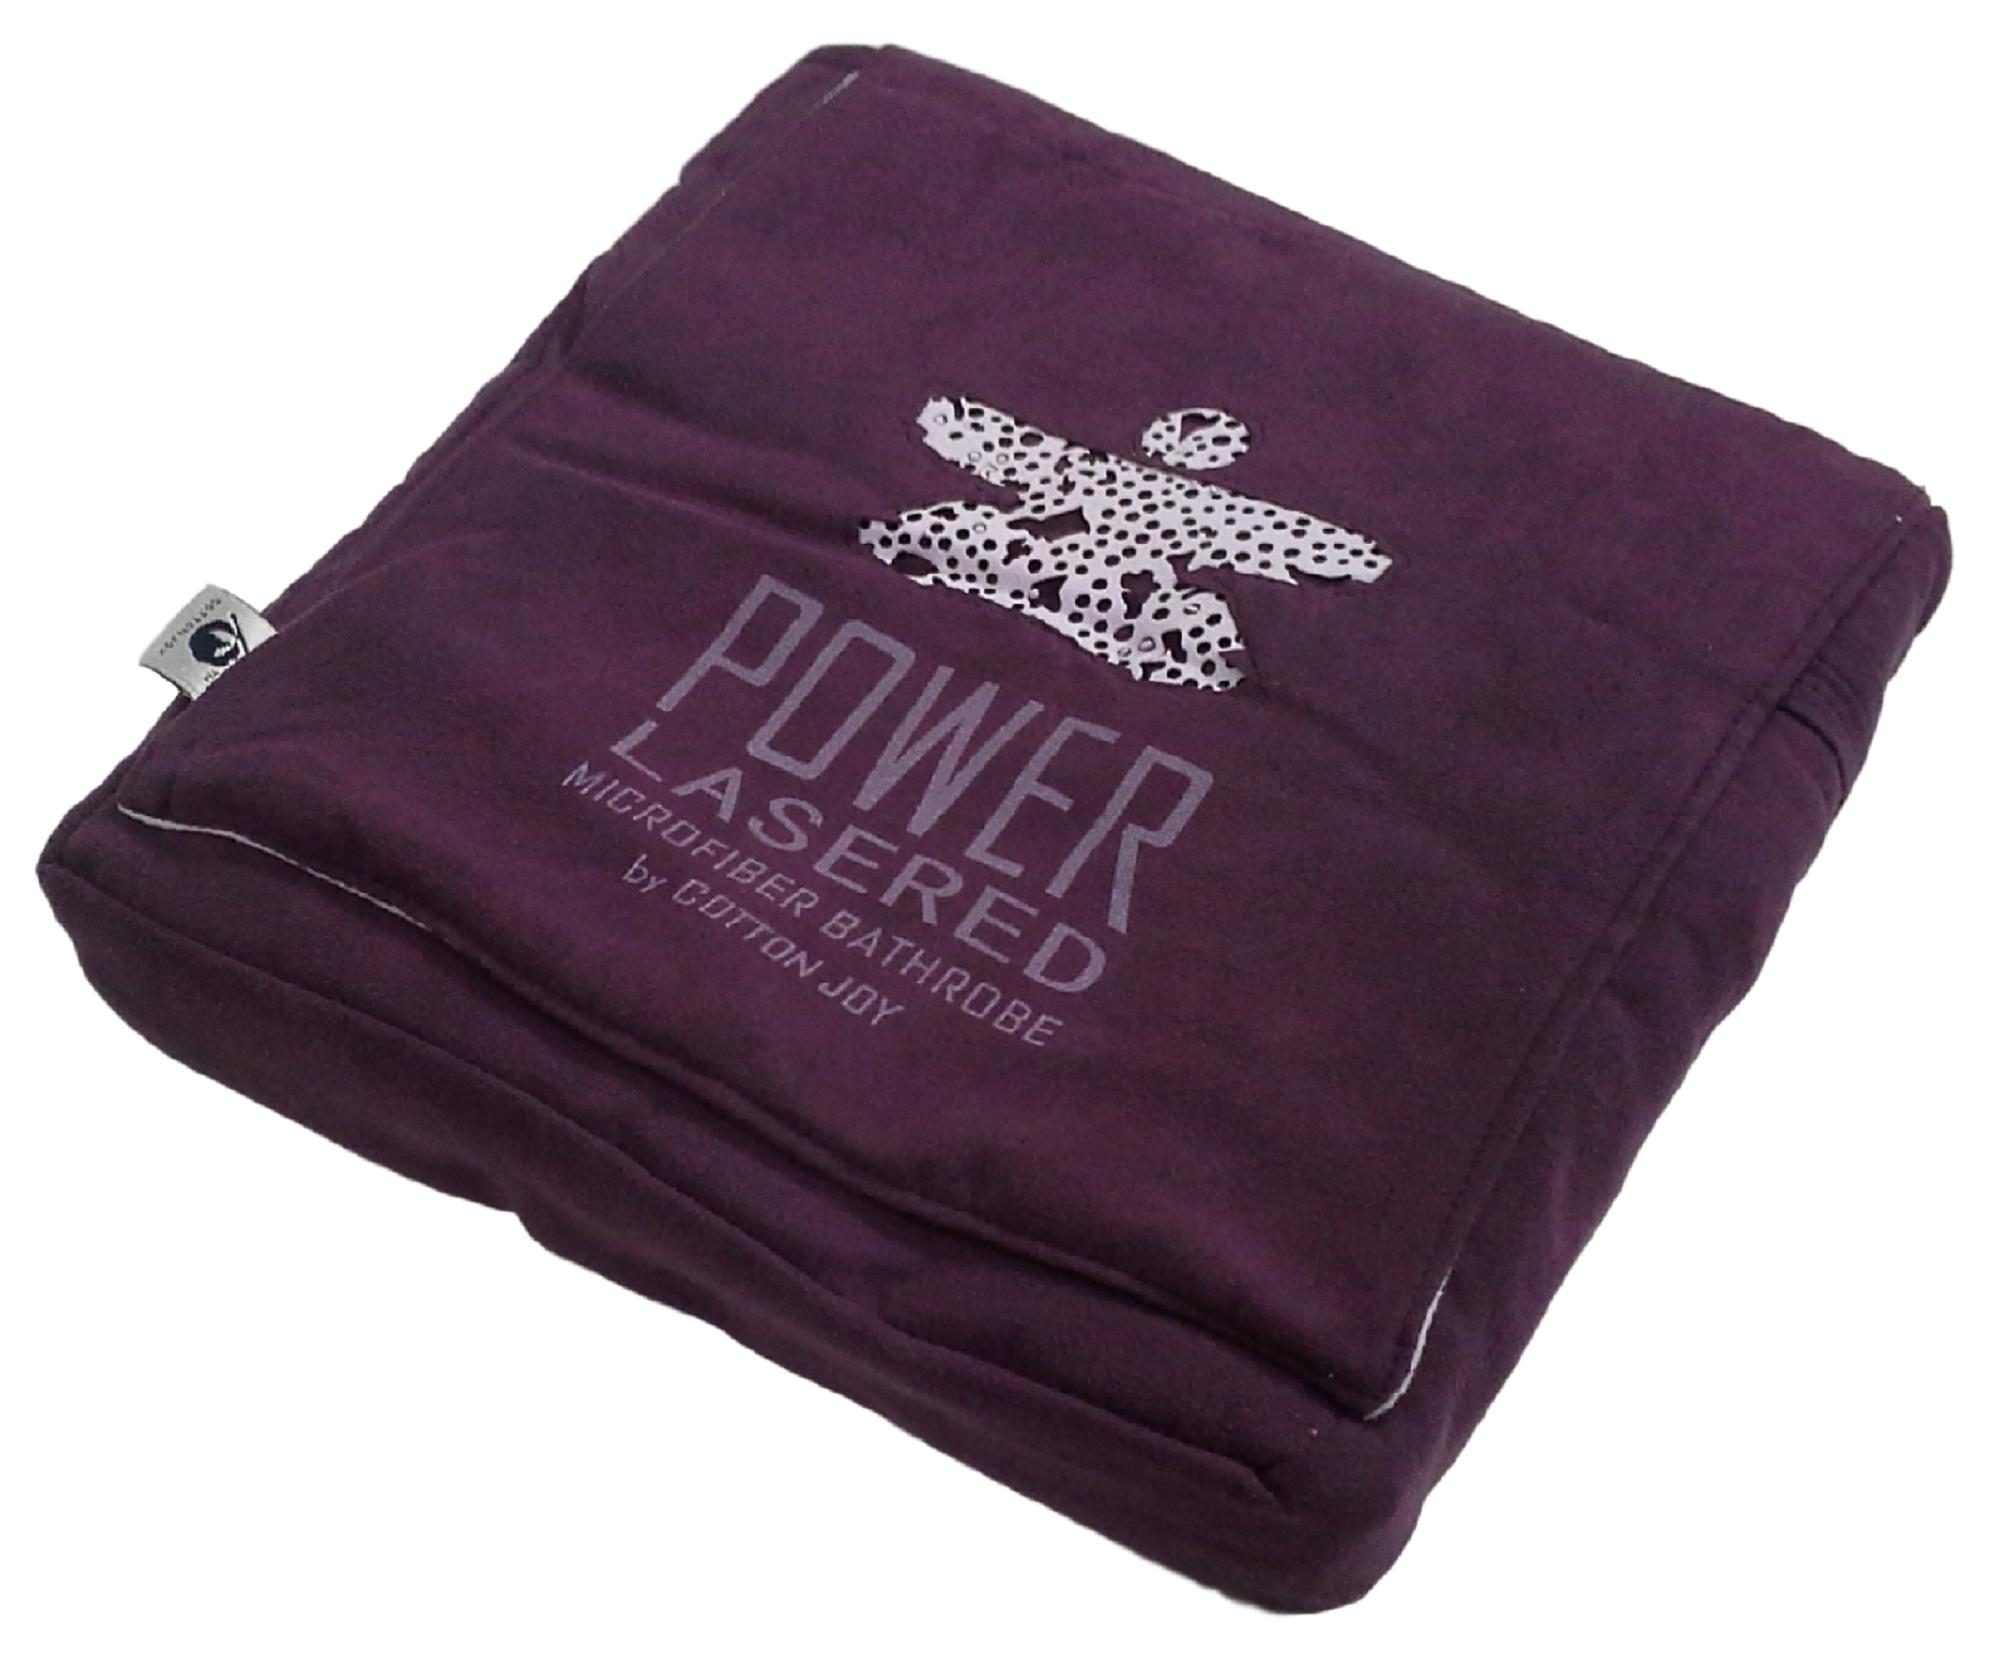 Accappatoio cappuccio donna con borsetta. COTTON JOY - POWER LASERED Microfibra.